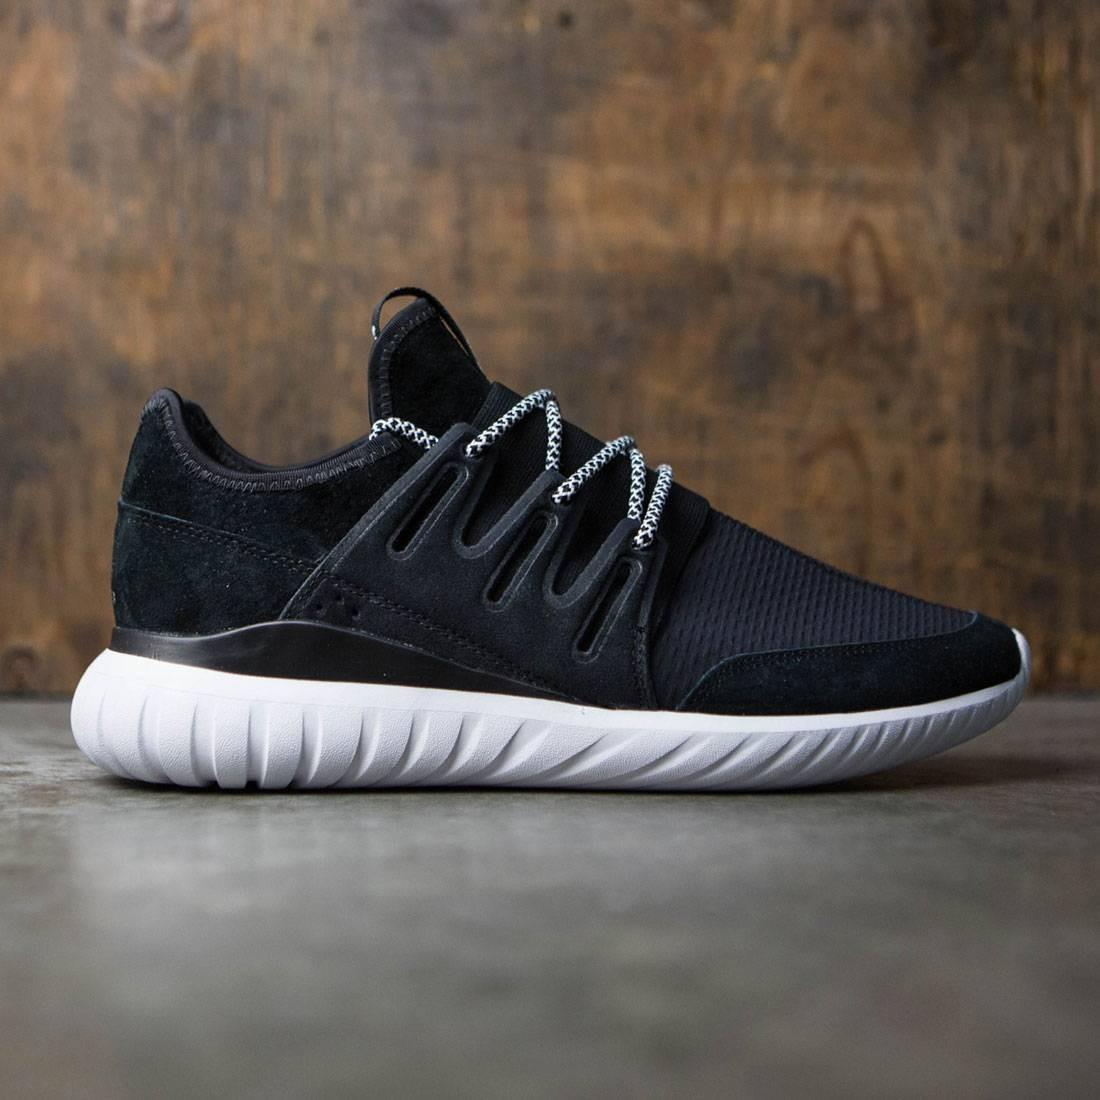 【海外限定】アディダス コア 黒 ブラック ビンテージ ヴィンテージ メンズ靴 靴 【 ADIDAS BLACK VINTAGE MEN TUBULAR RADIAL CORE WHITE 】